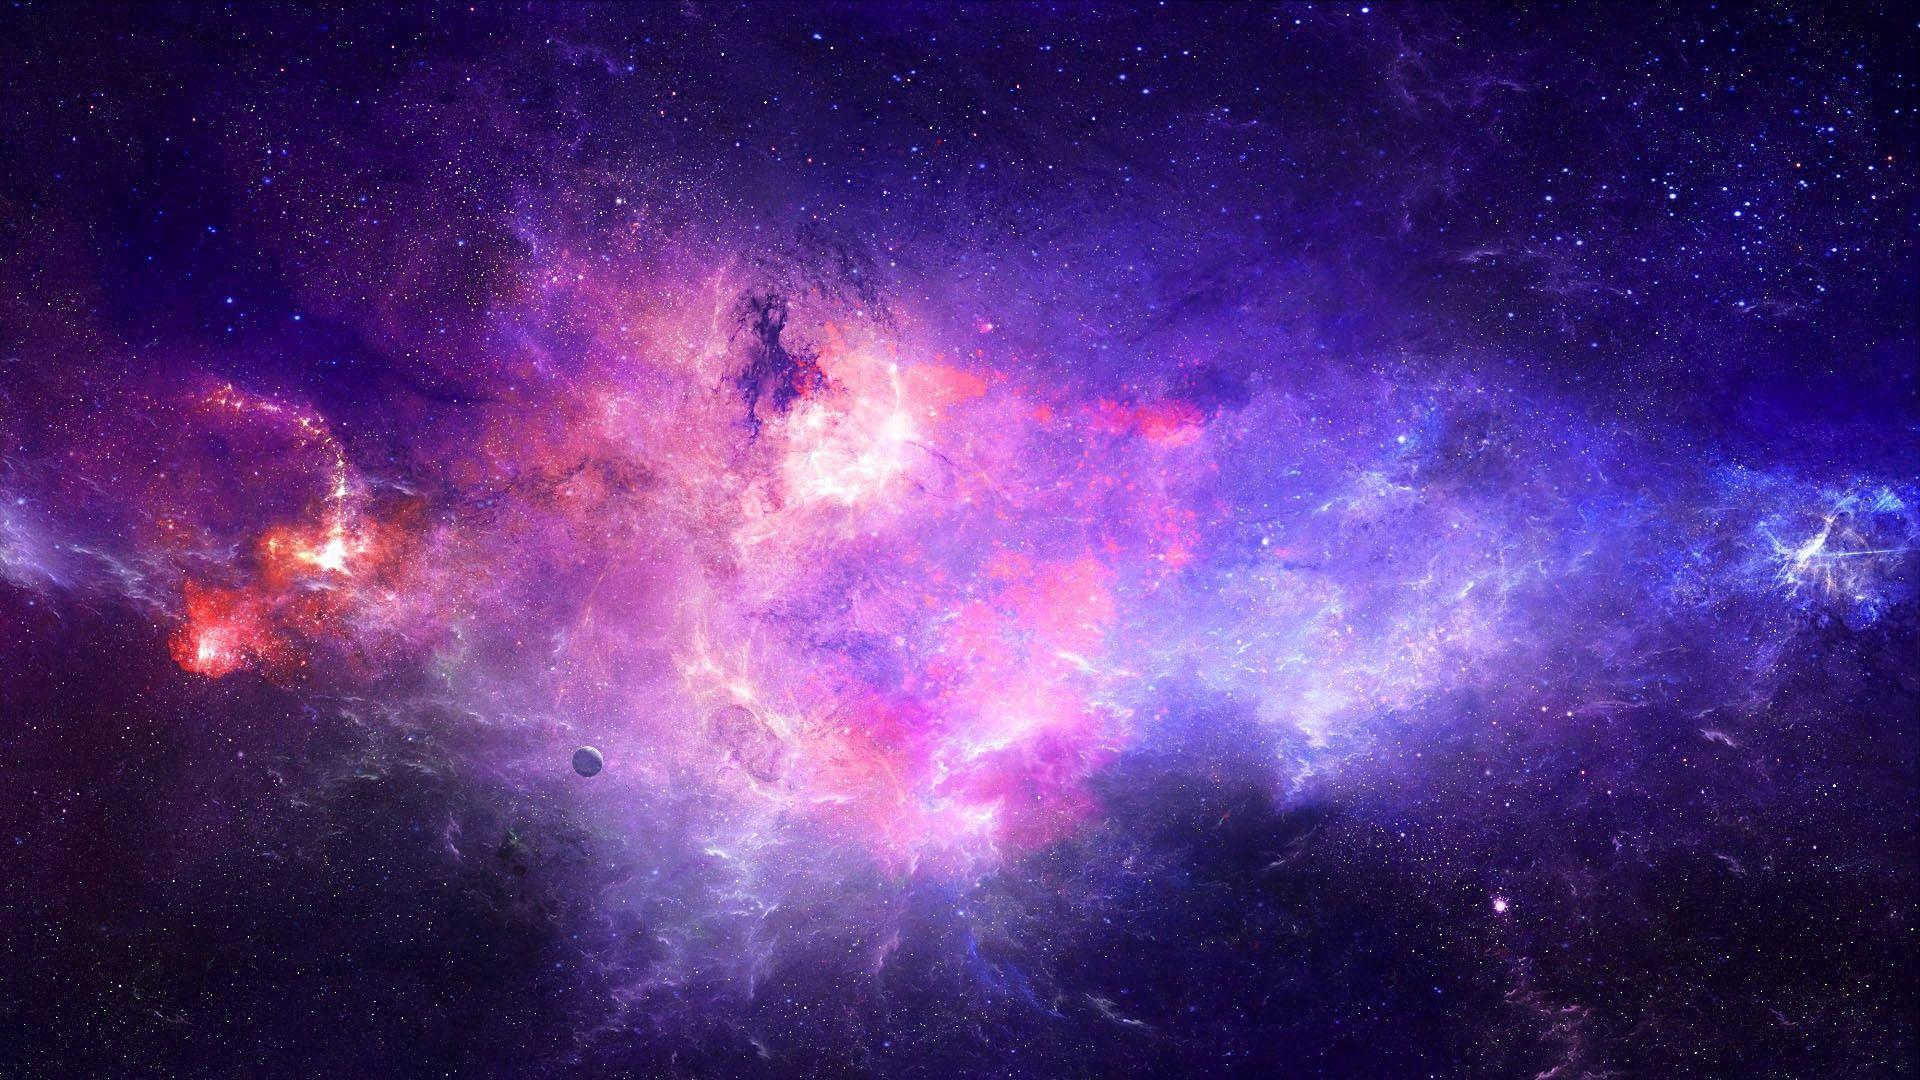 Hd Galaxy Wallpaper 001